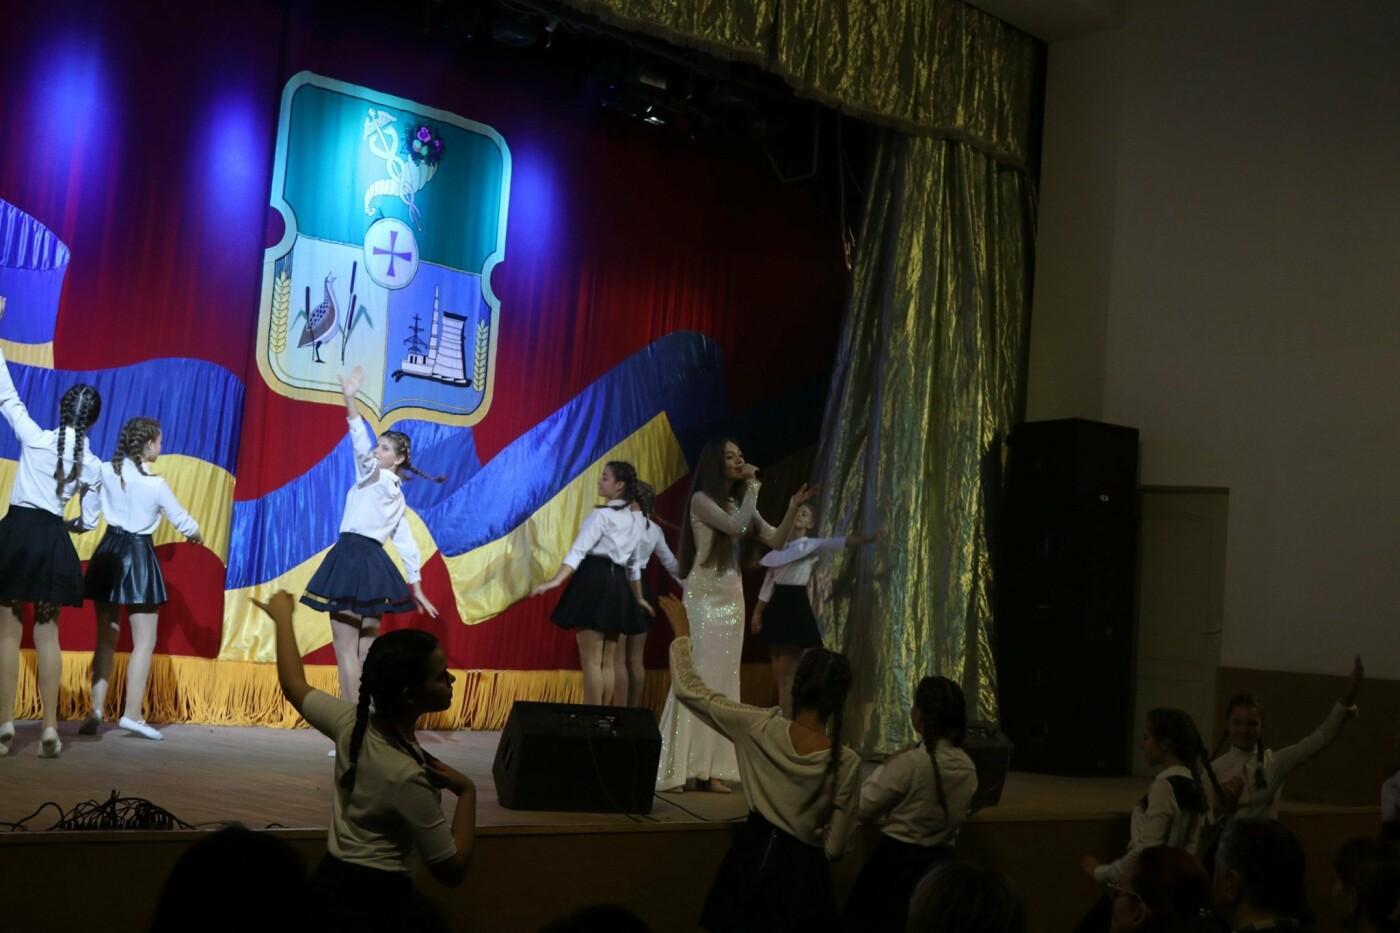 В Дергачах прошли торжества по случаю Дня работников образования, фото-2